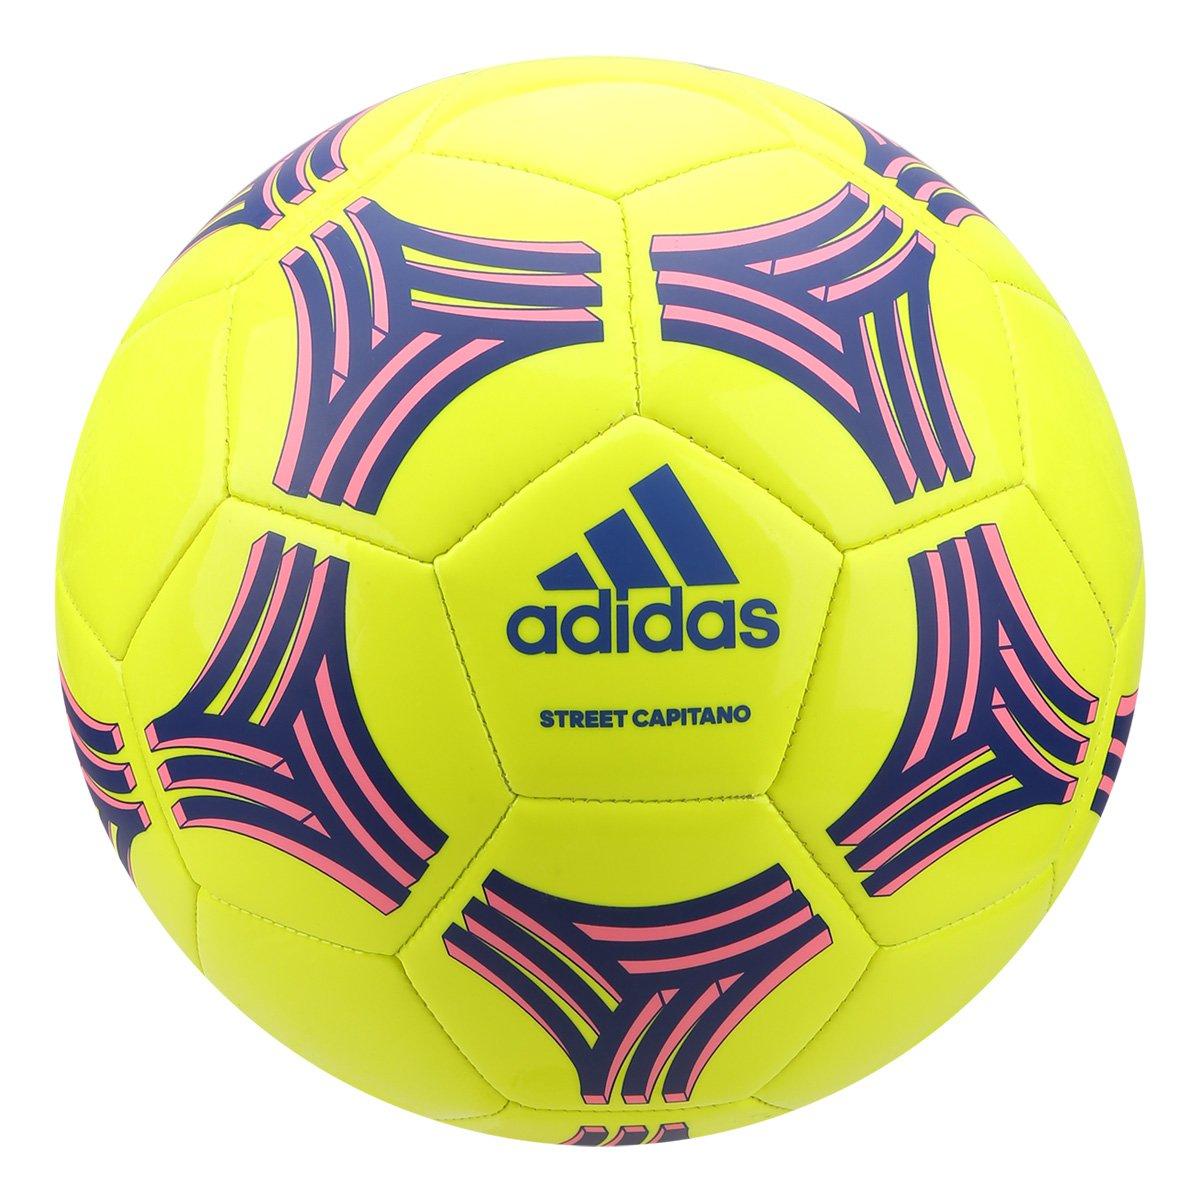 af0f4e54b Bola de Futebol Campo Adidas Street Capitano Tango Glider - Amarelo e Azul  - Compre Agora